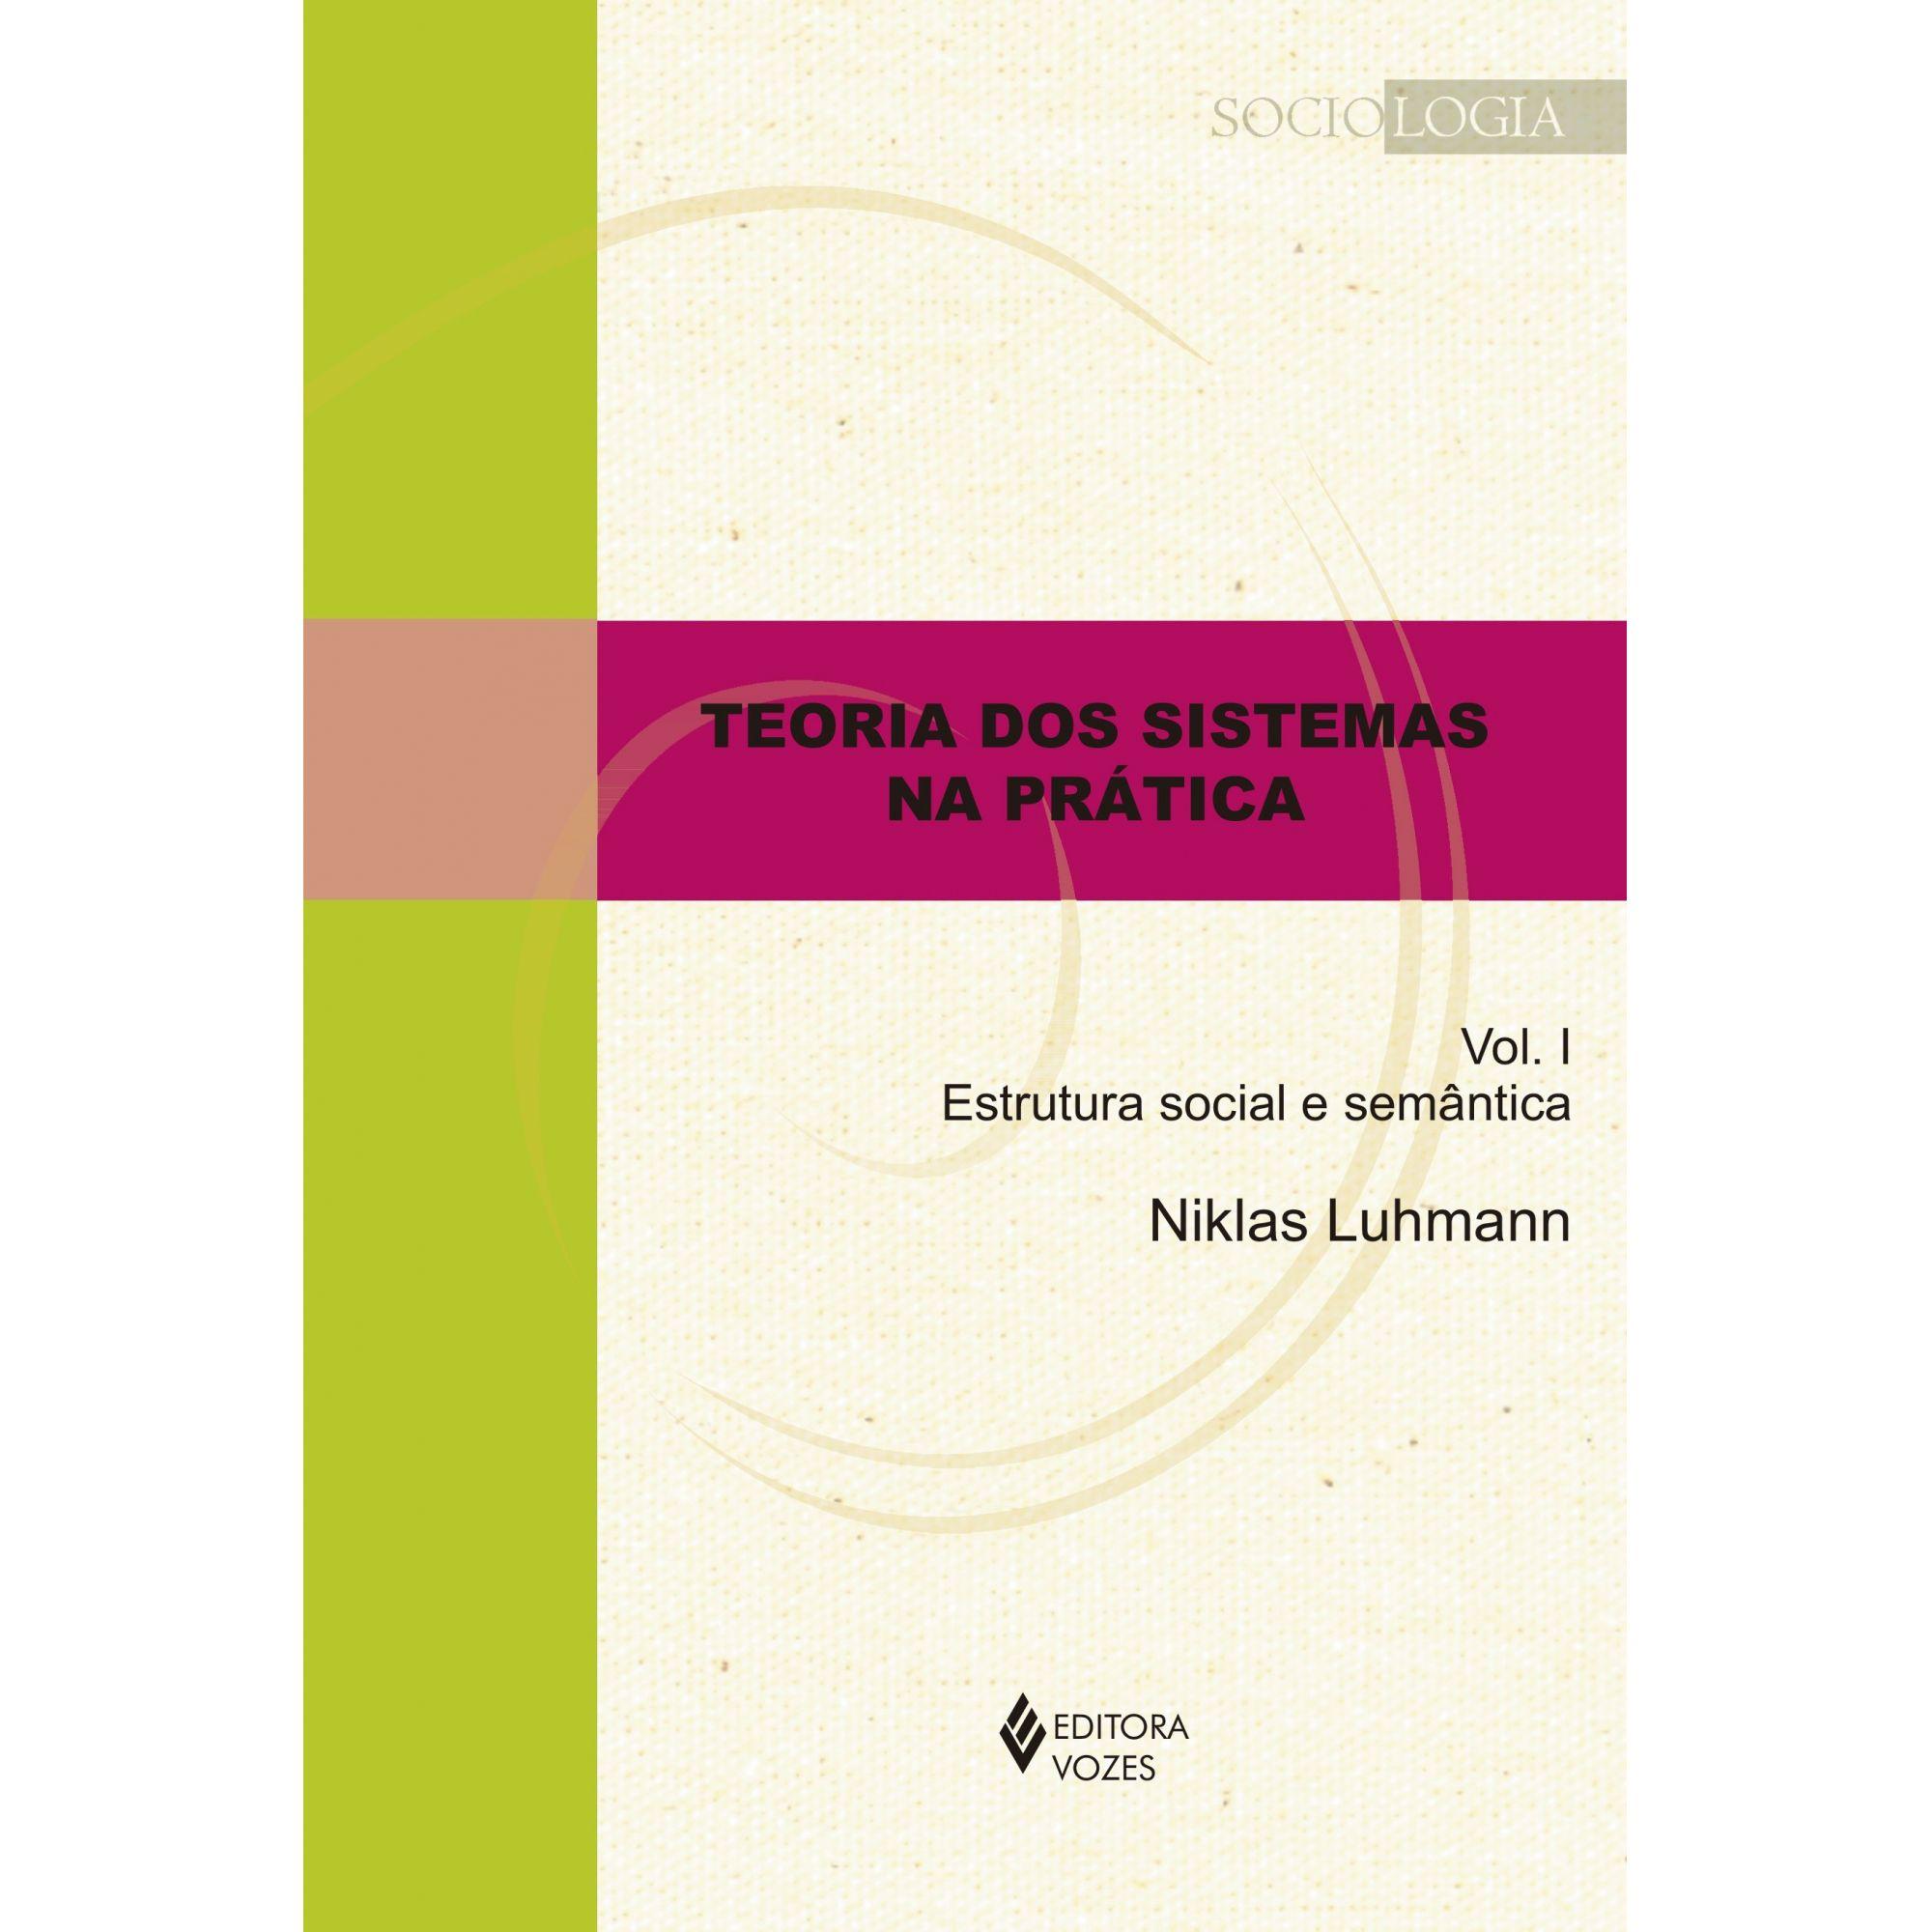 Teoria dos sistemas na prática